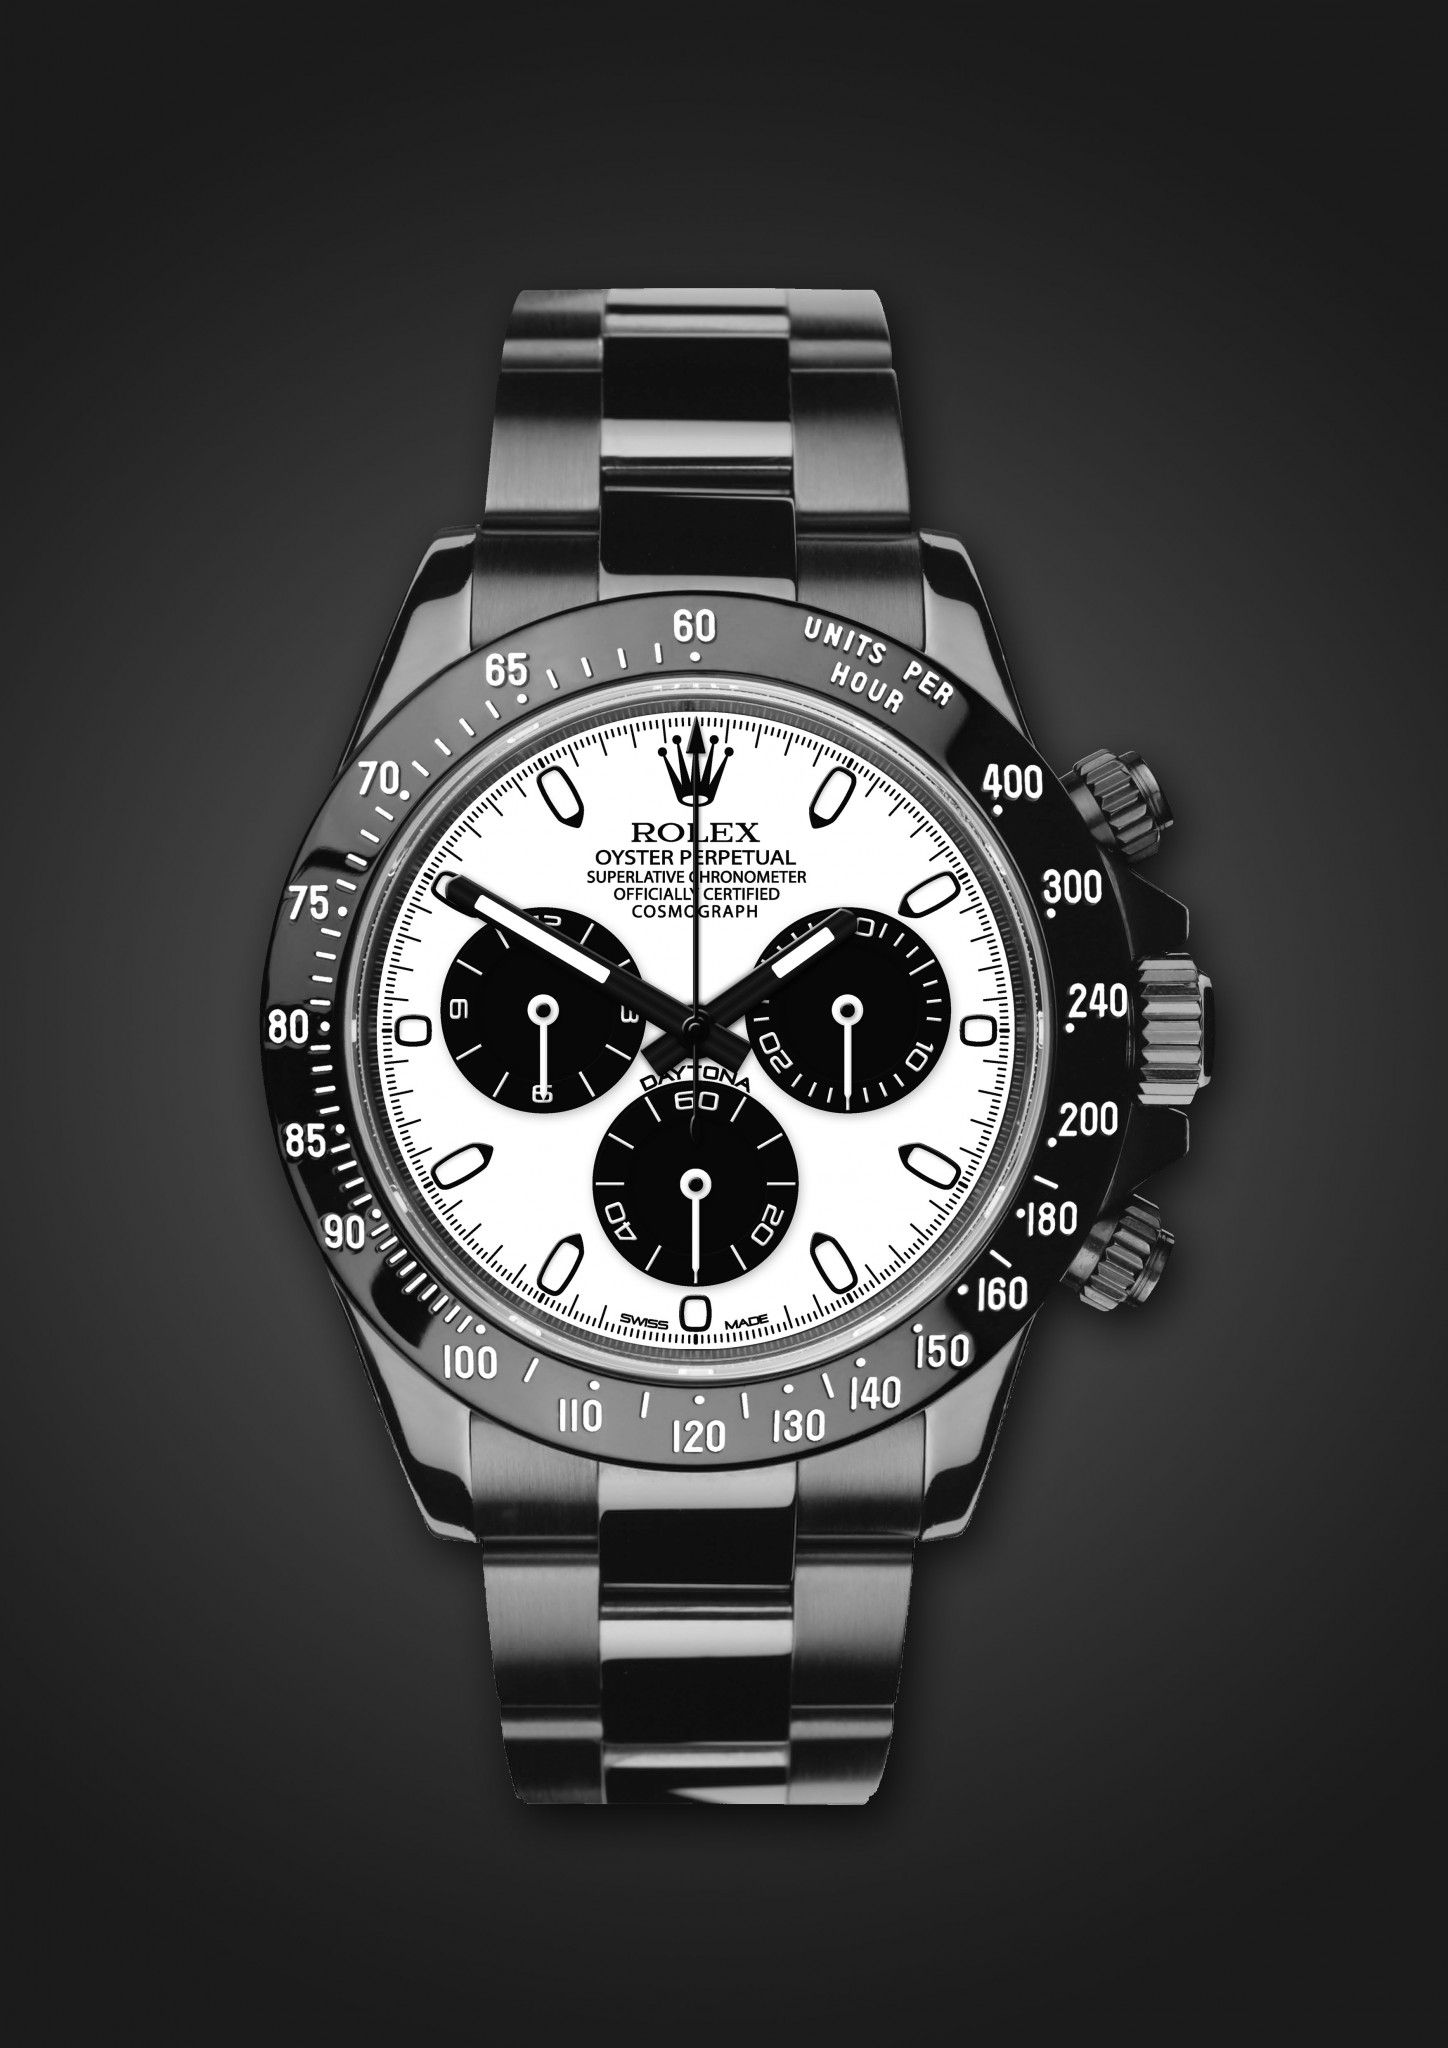 α¢¢єѕѕσяιzє ♥ ♦dAǸ†㉫♦Titan Black Rolex Daytona Phantom